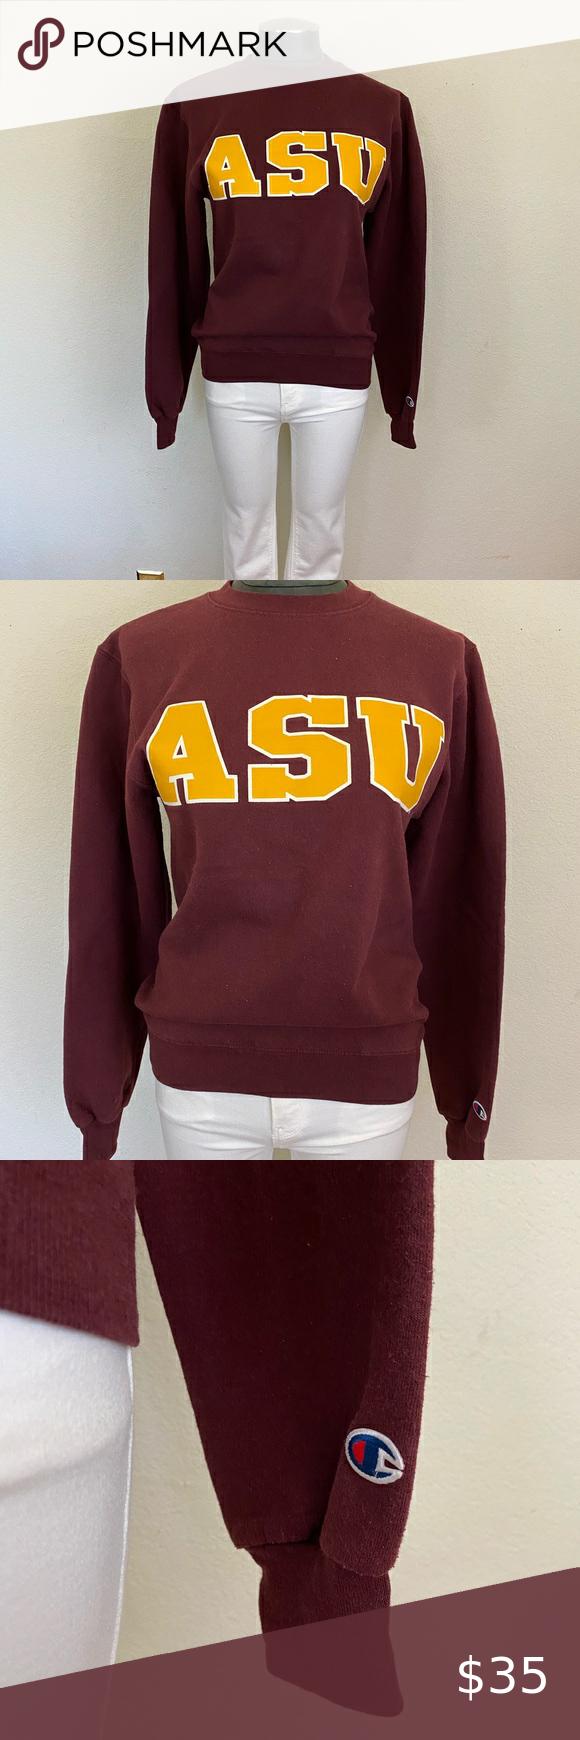 Vintage Asu Arizona State University Sweatshirt University Sweatshirts Branded Sweatshirts Sweatshirts [ 1740 x 580 Pixel ]